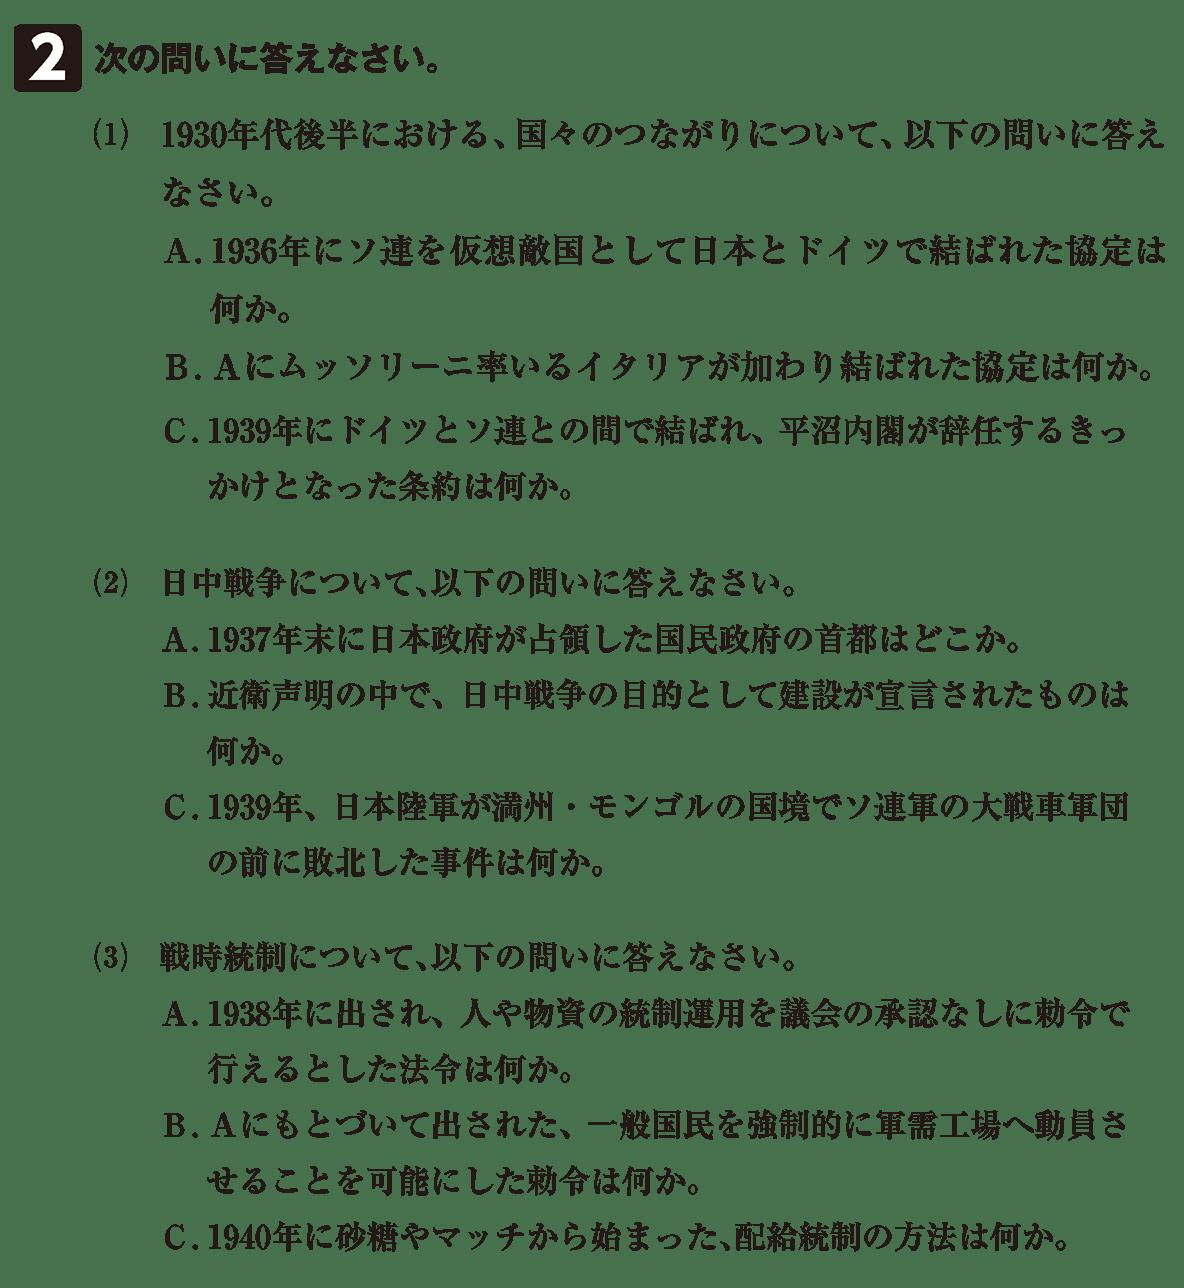 近代69 問題2 カッコ空欄